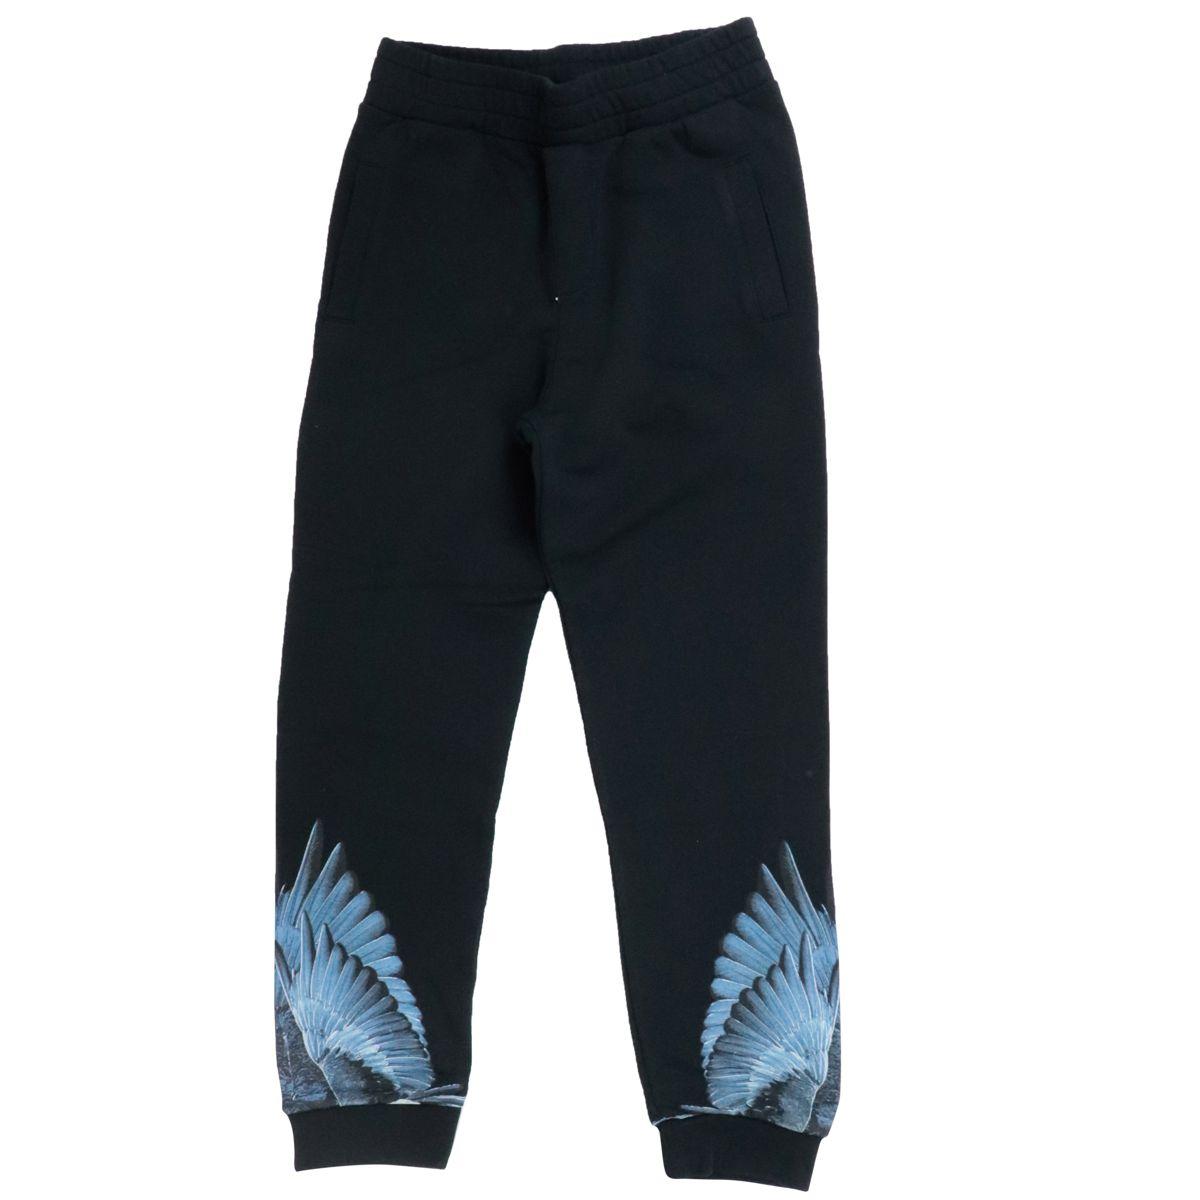 Pantalone sportivo in misto cotone con stampa ali blu Nero MARCELO BURLON